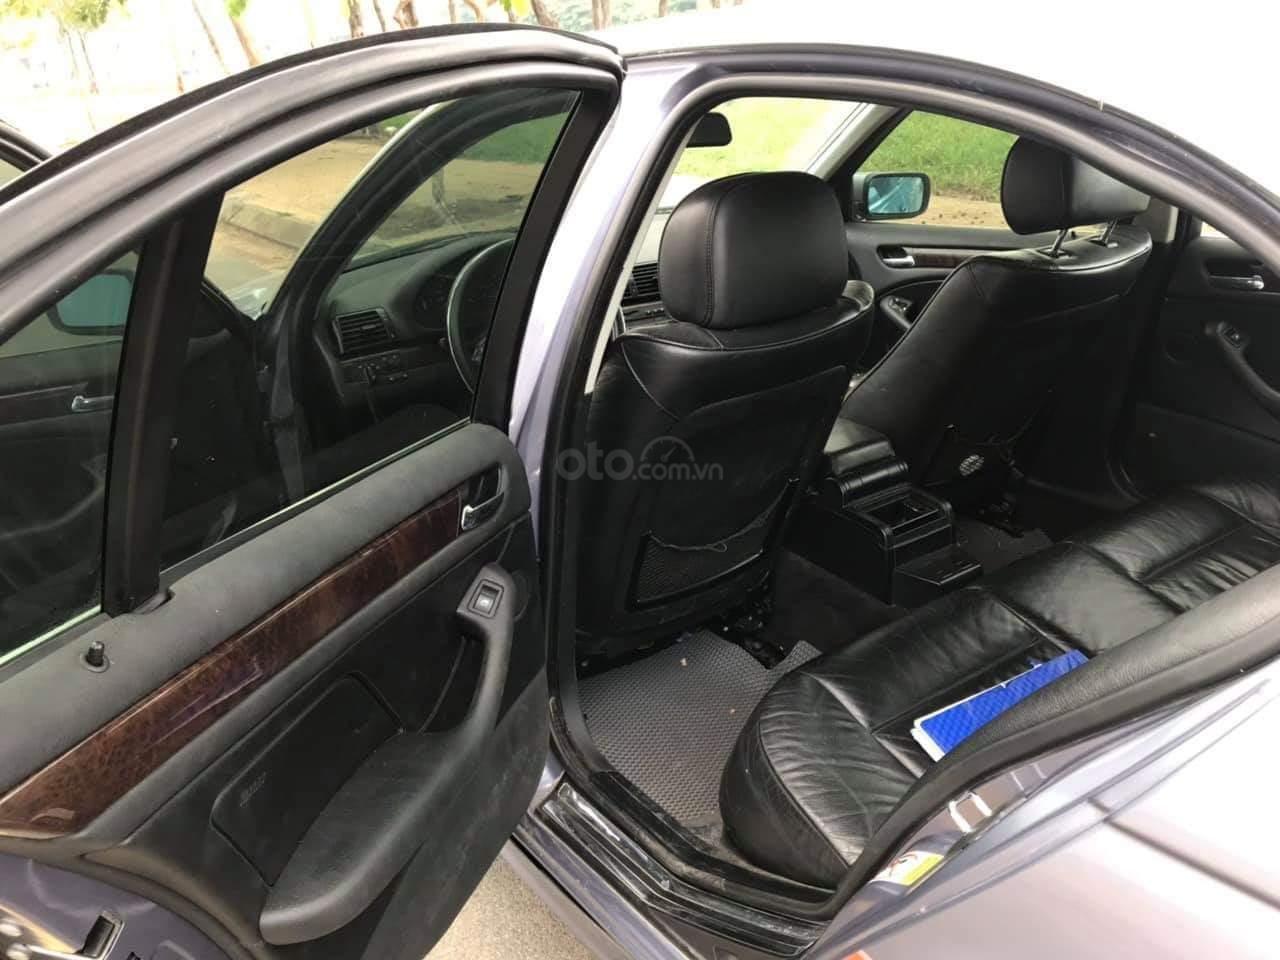 Bán ô tô BMW 3 Series 325i sản xuất 2003 (13)